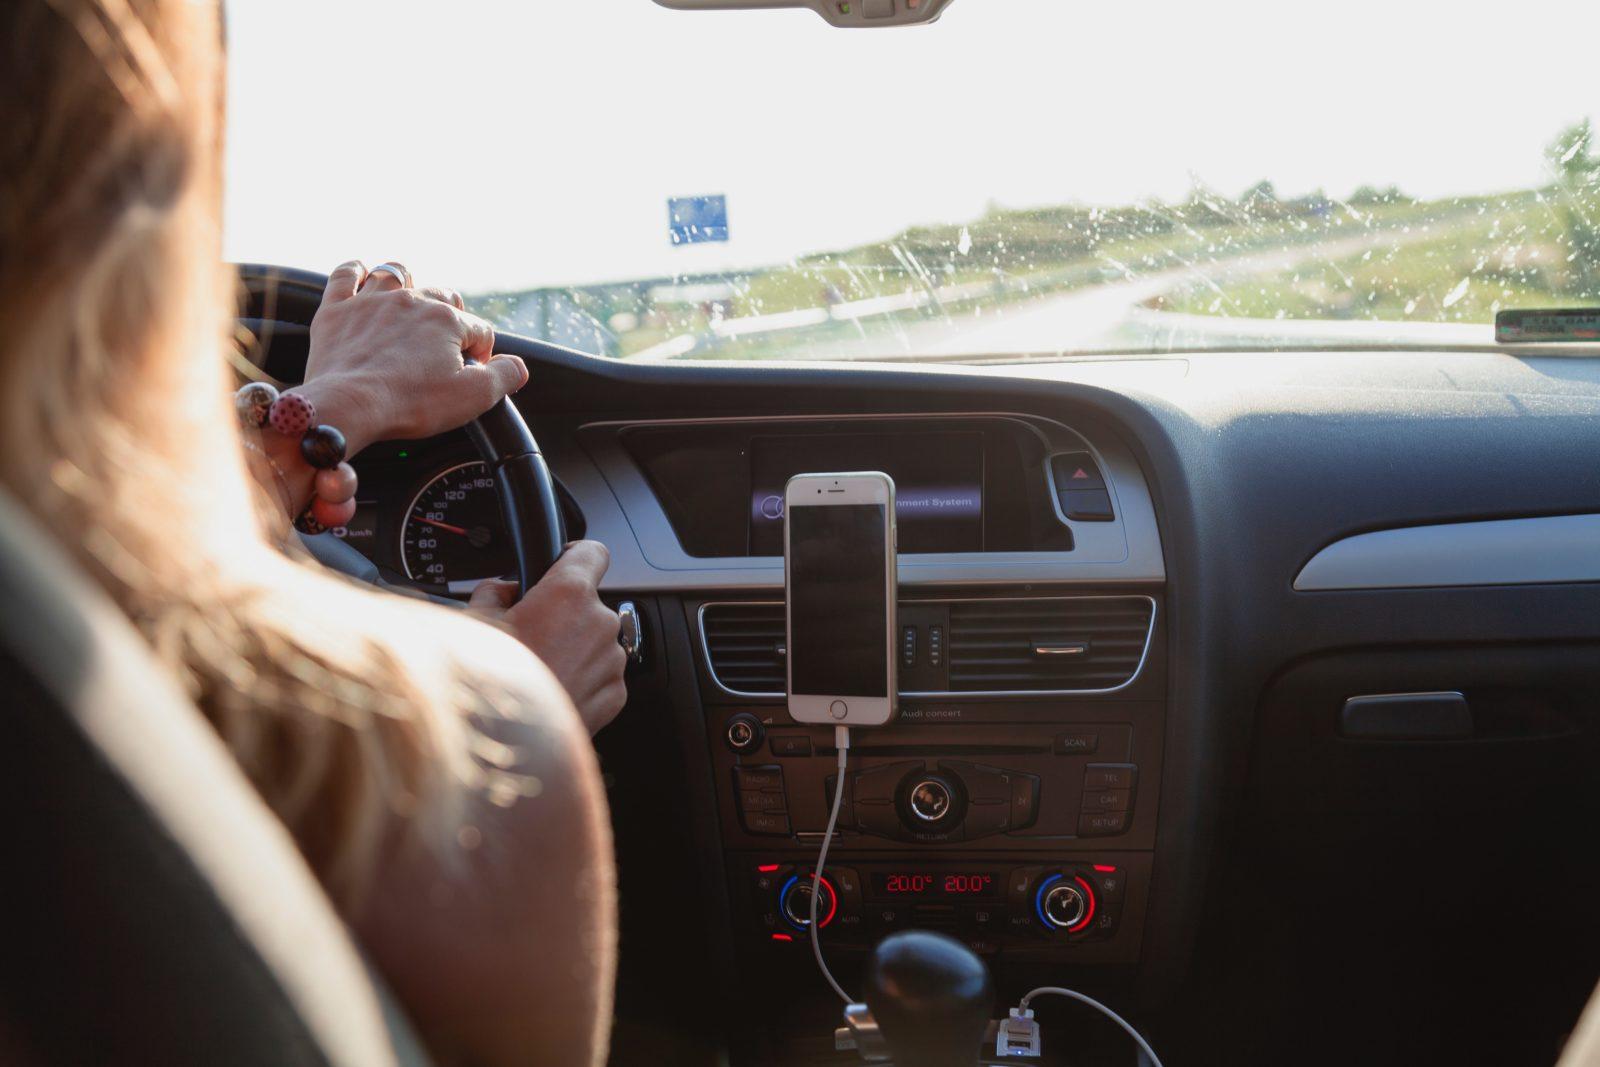 guida con cellulare